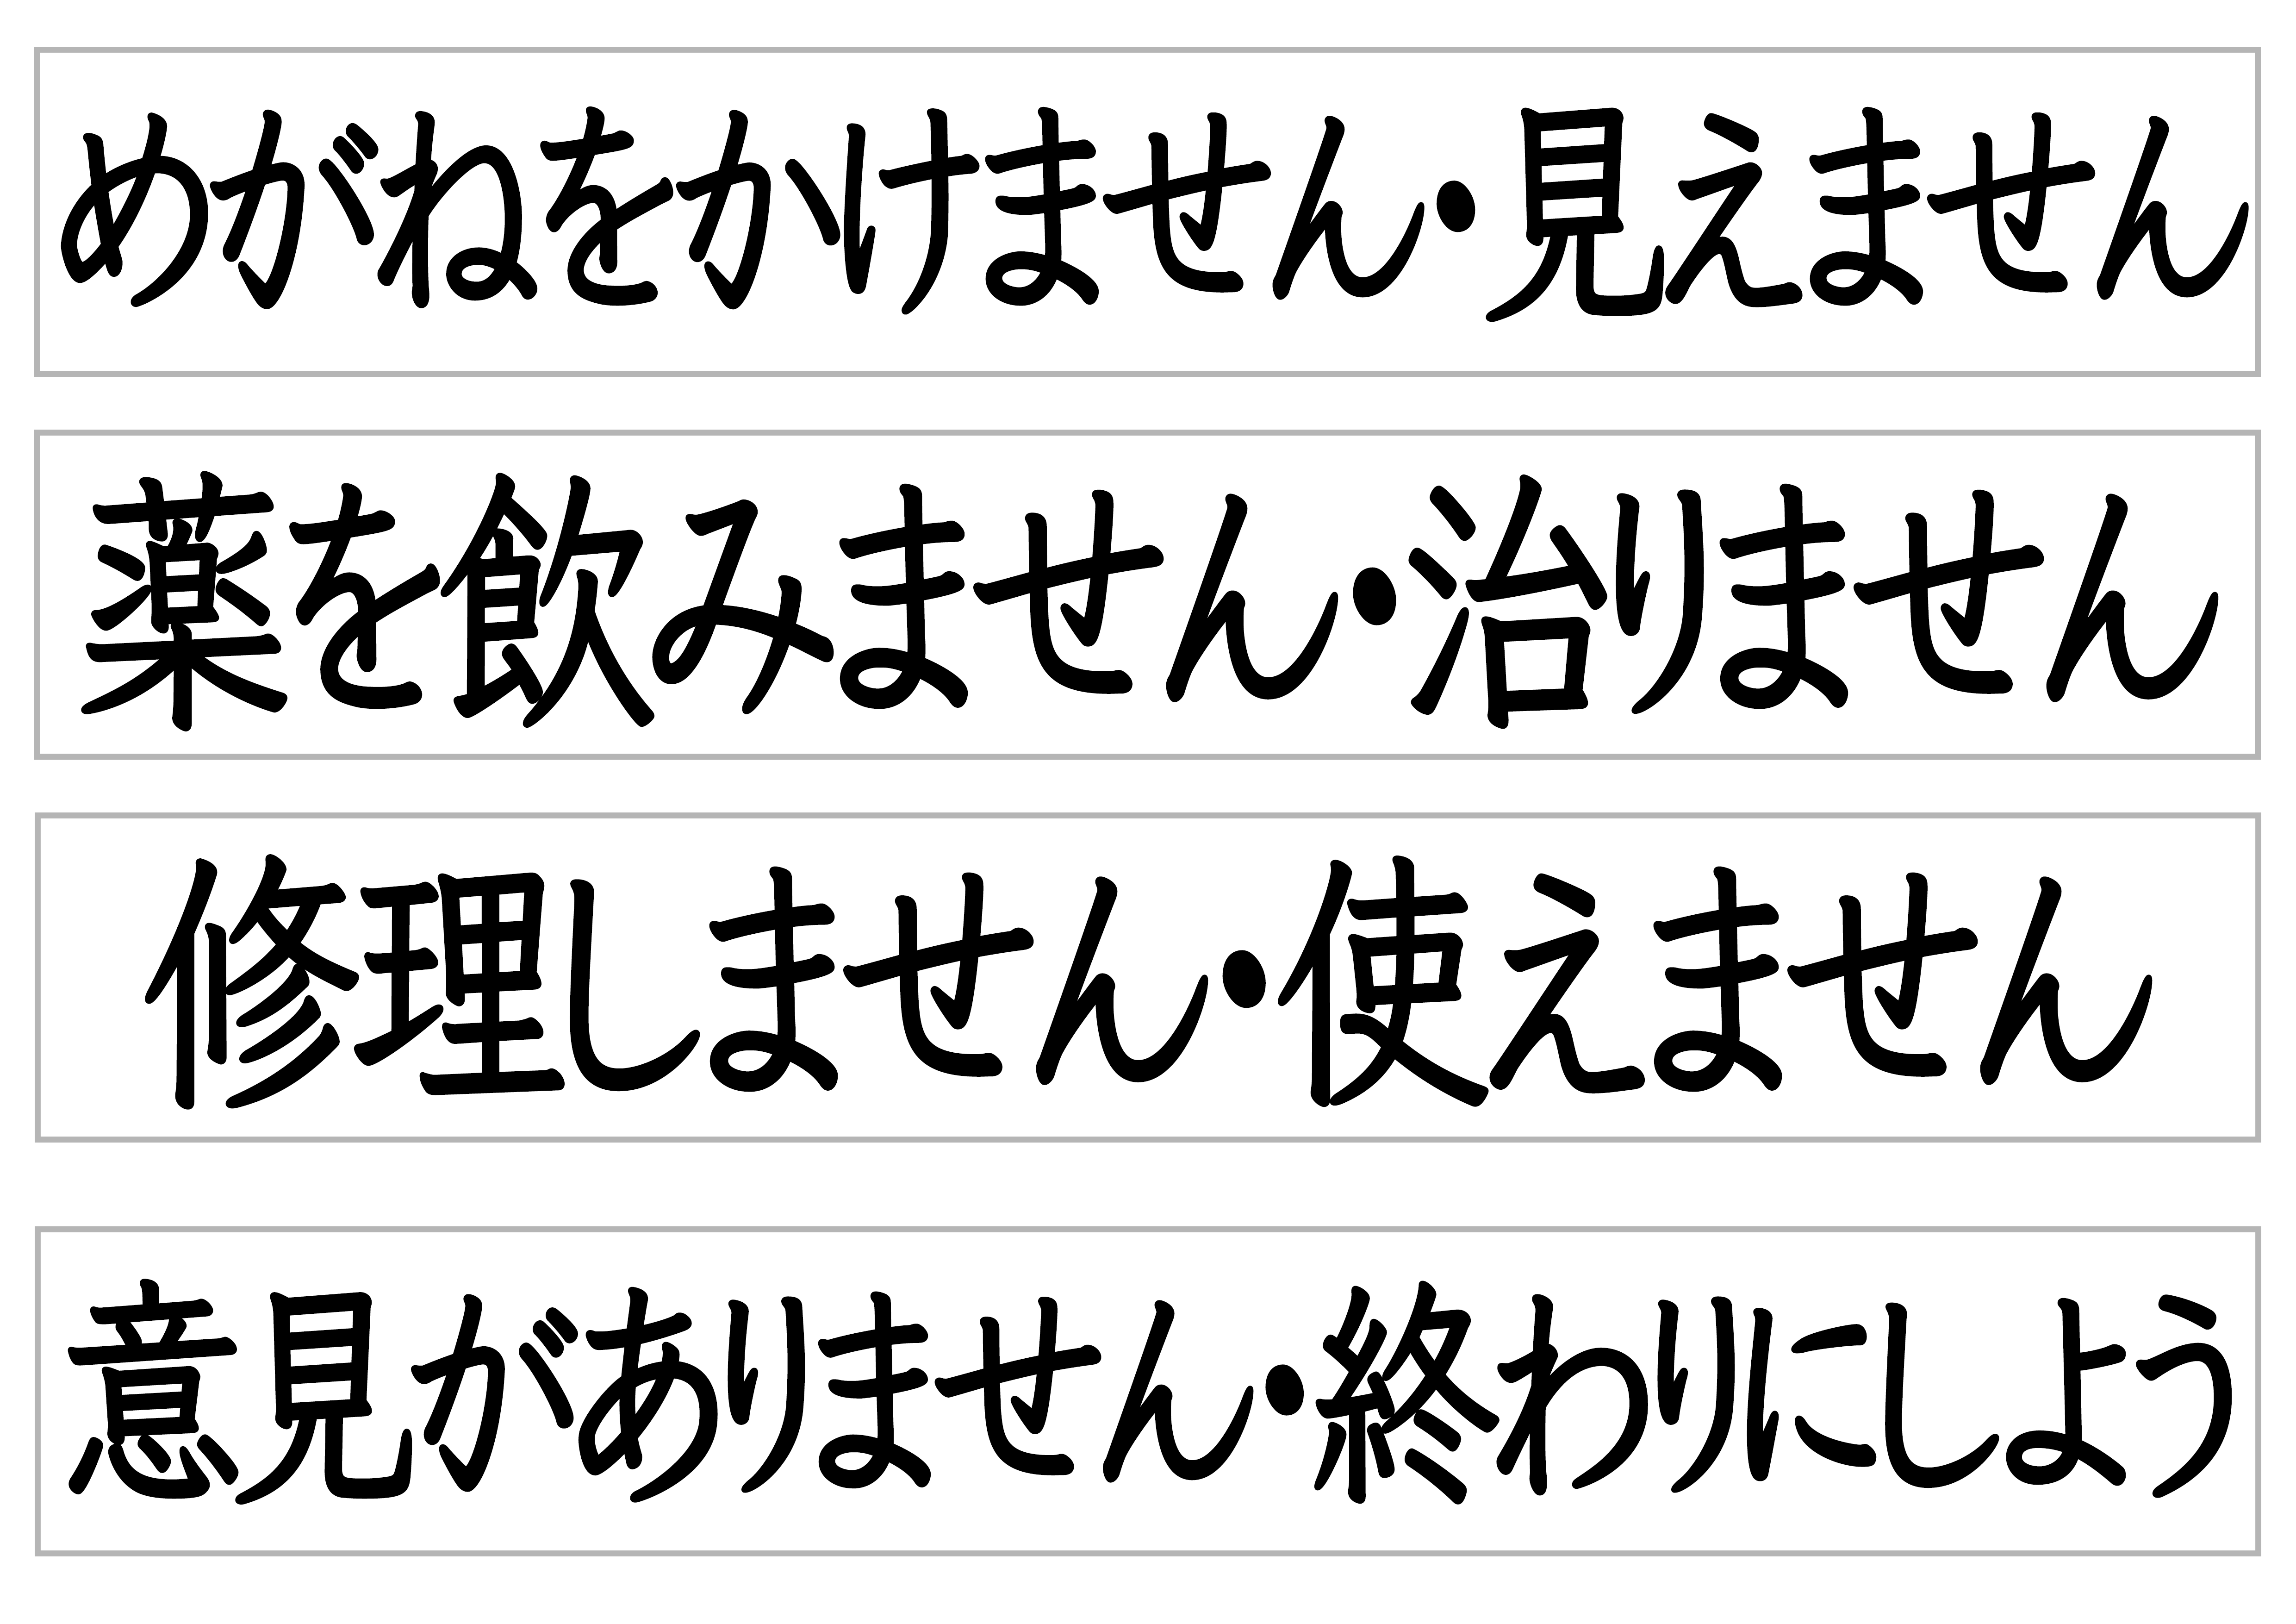 35課文字カード【条件形】